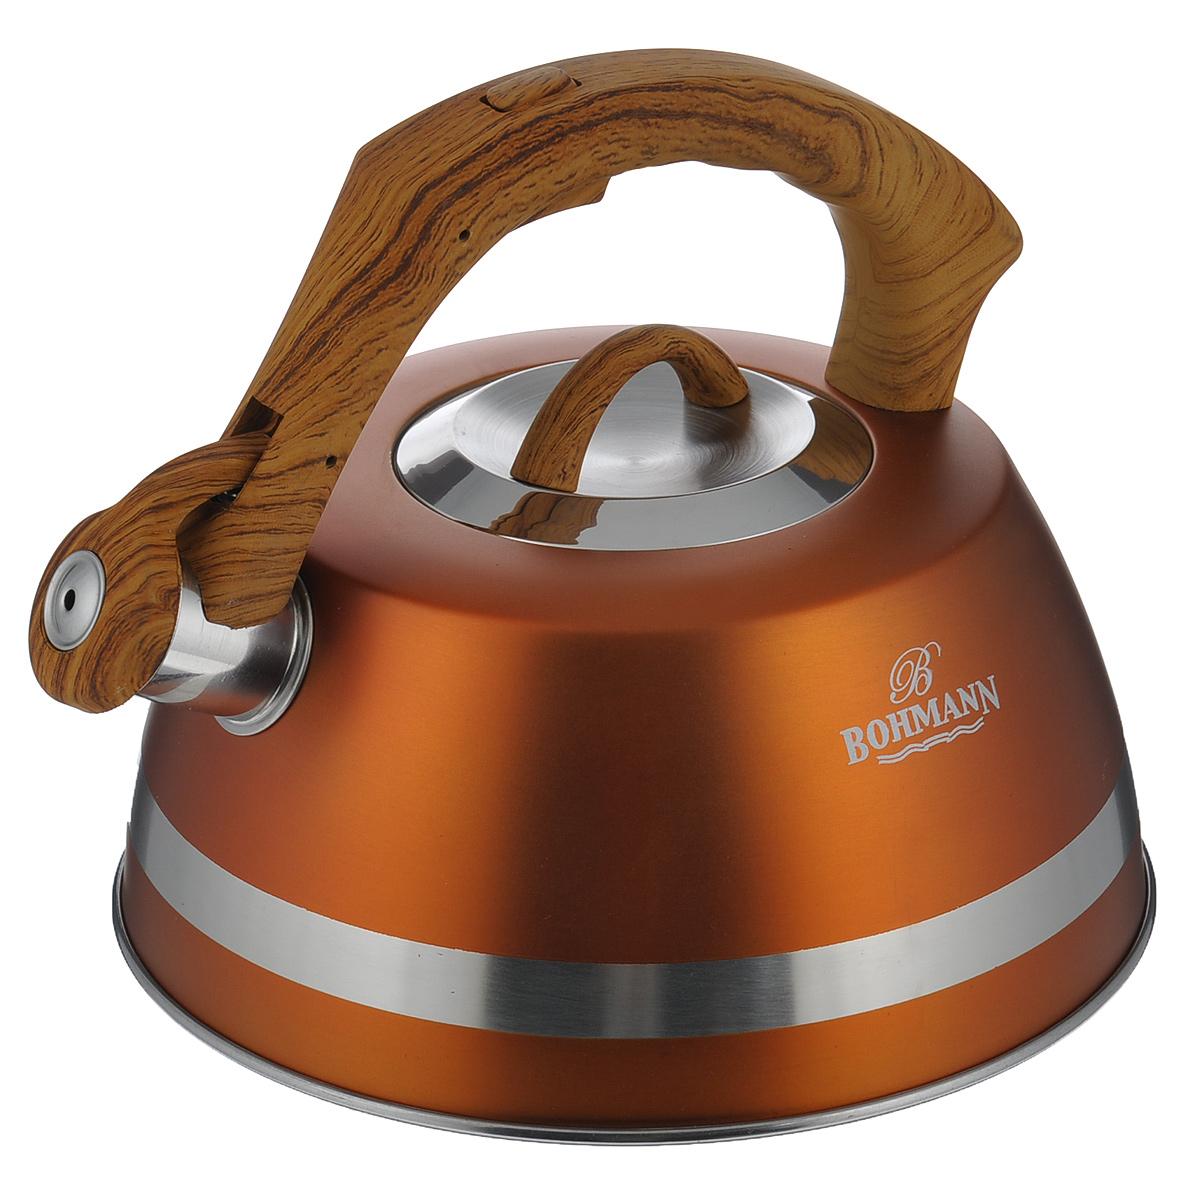 Чайник Bohmann со свистком, цвет: оранжевый, 3,5 л. BH - 9967BH - 9967Чайник Bohmann изготовлен из высококачественной нержавеющей стали с матовым цветным покрытием. Фиксированная ручка изготовлена из бакелита с прорезиненным покрытием. Носик чайника оснащен откидным свистком, звуковой сигнал которого подскажет, когда закипит вода. Свисток открывается нажатием кнопки на ручке. Чайник Bohmann - качественное исполнение и стильное решение для вашей кухни. Подходит для использования на газовых, стеклокерамических, электрических, галогеновых и индукционных плитах. Нельзя мыть в посудомоечной машине.